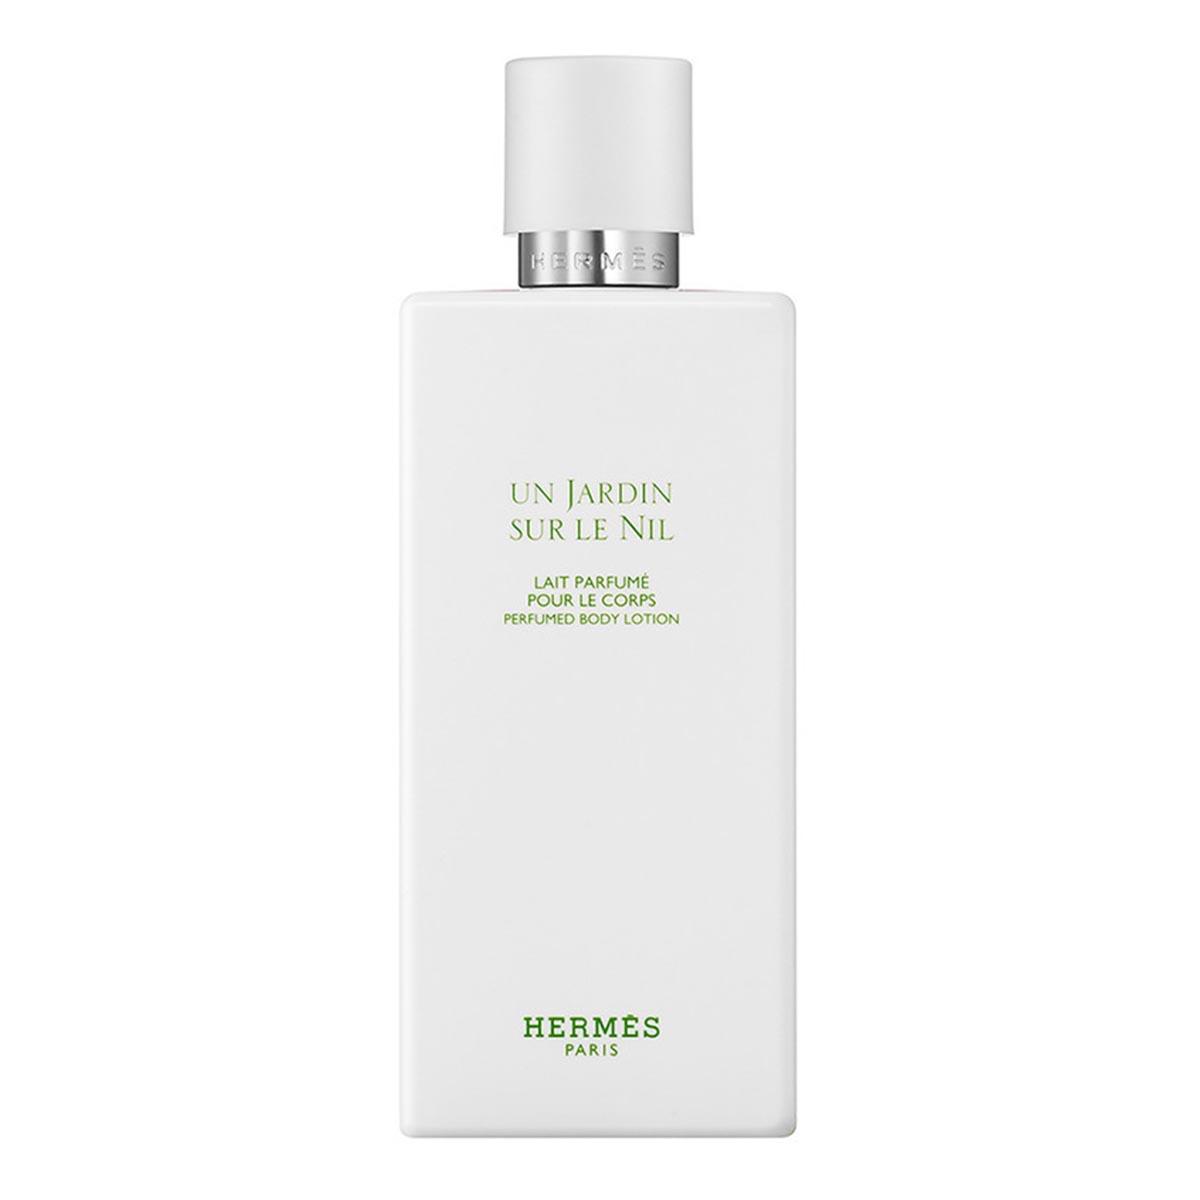 Hermes un jardin sur le nil perfumed body lotion 200ml